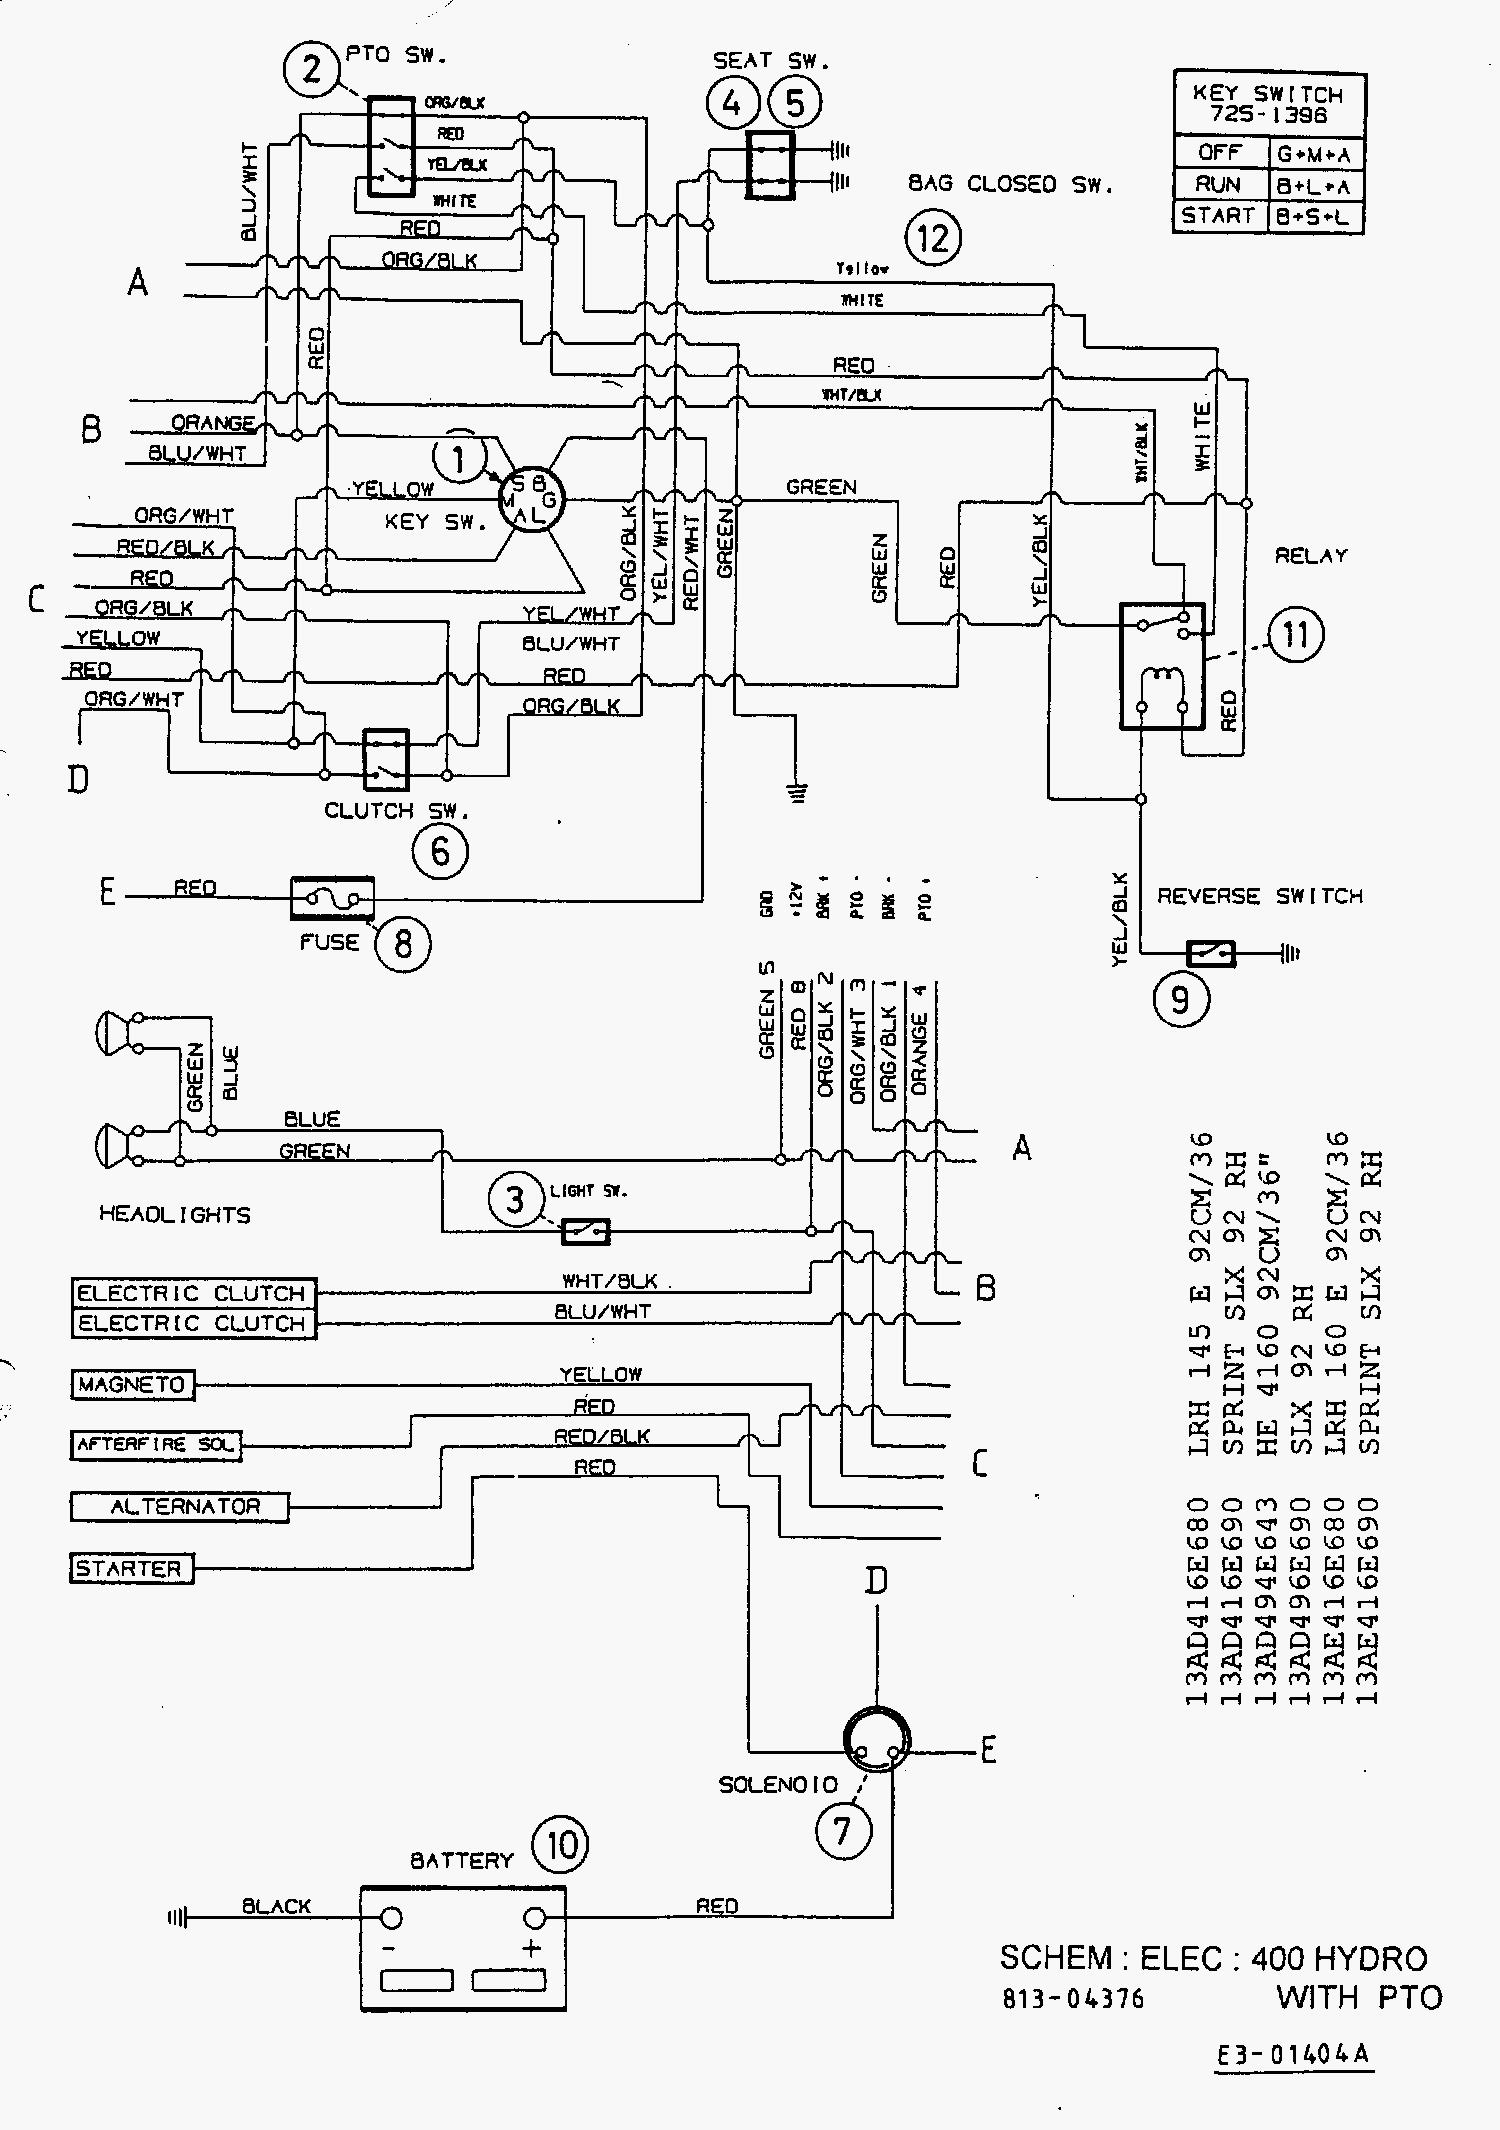 hotsy burner schematic wiring hotsy manual car engine diagram Frigidaire Affinity Dryer Wiring Diagram  Hotsy Model 520 Frigidaire Washer Schematic For a Steam Pressure Washer Wiring Diagram